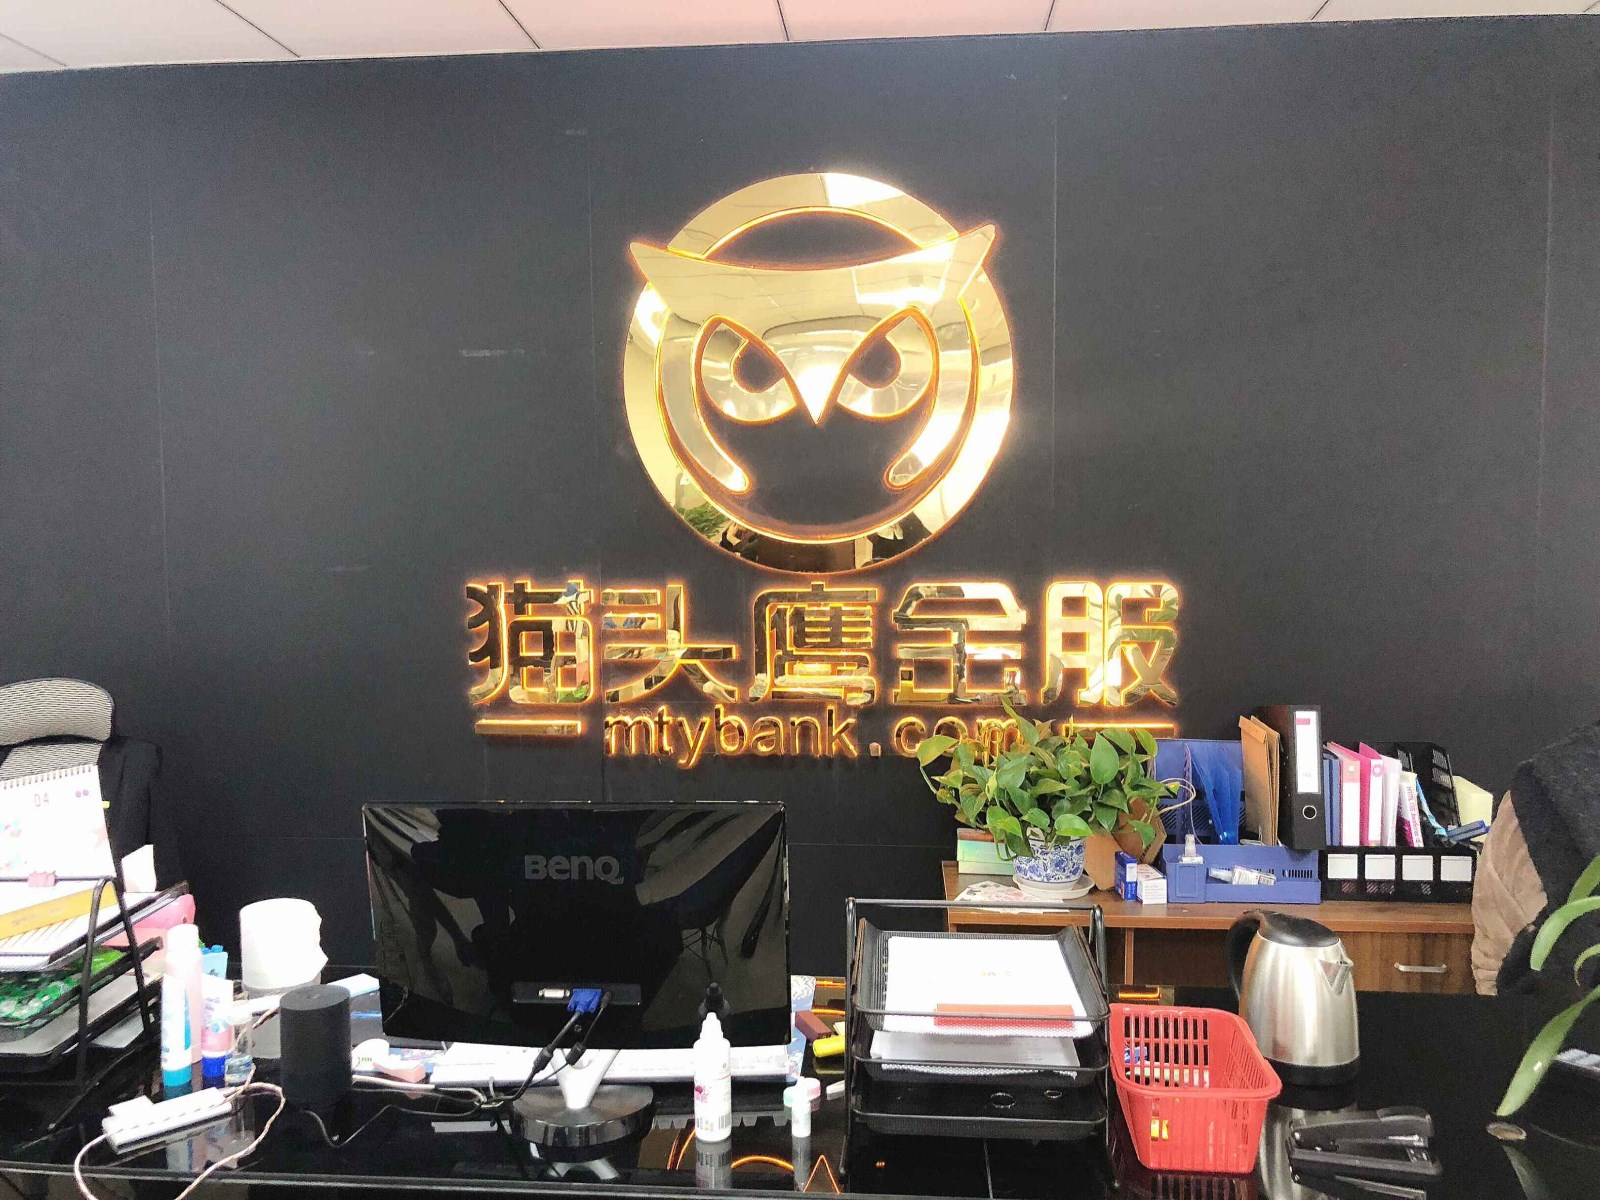 苏州铭云信息科技有限公司